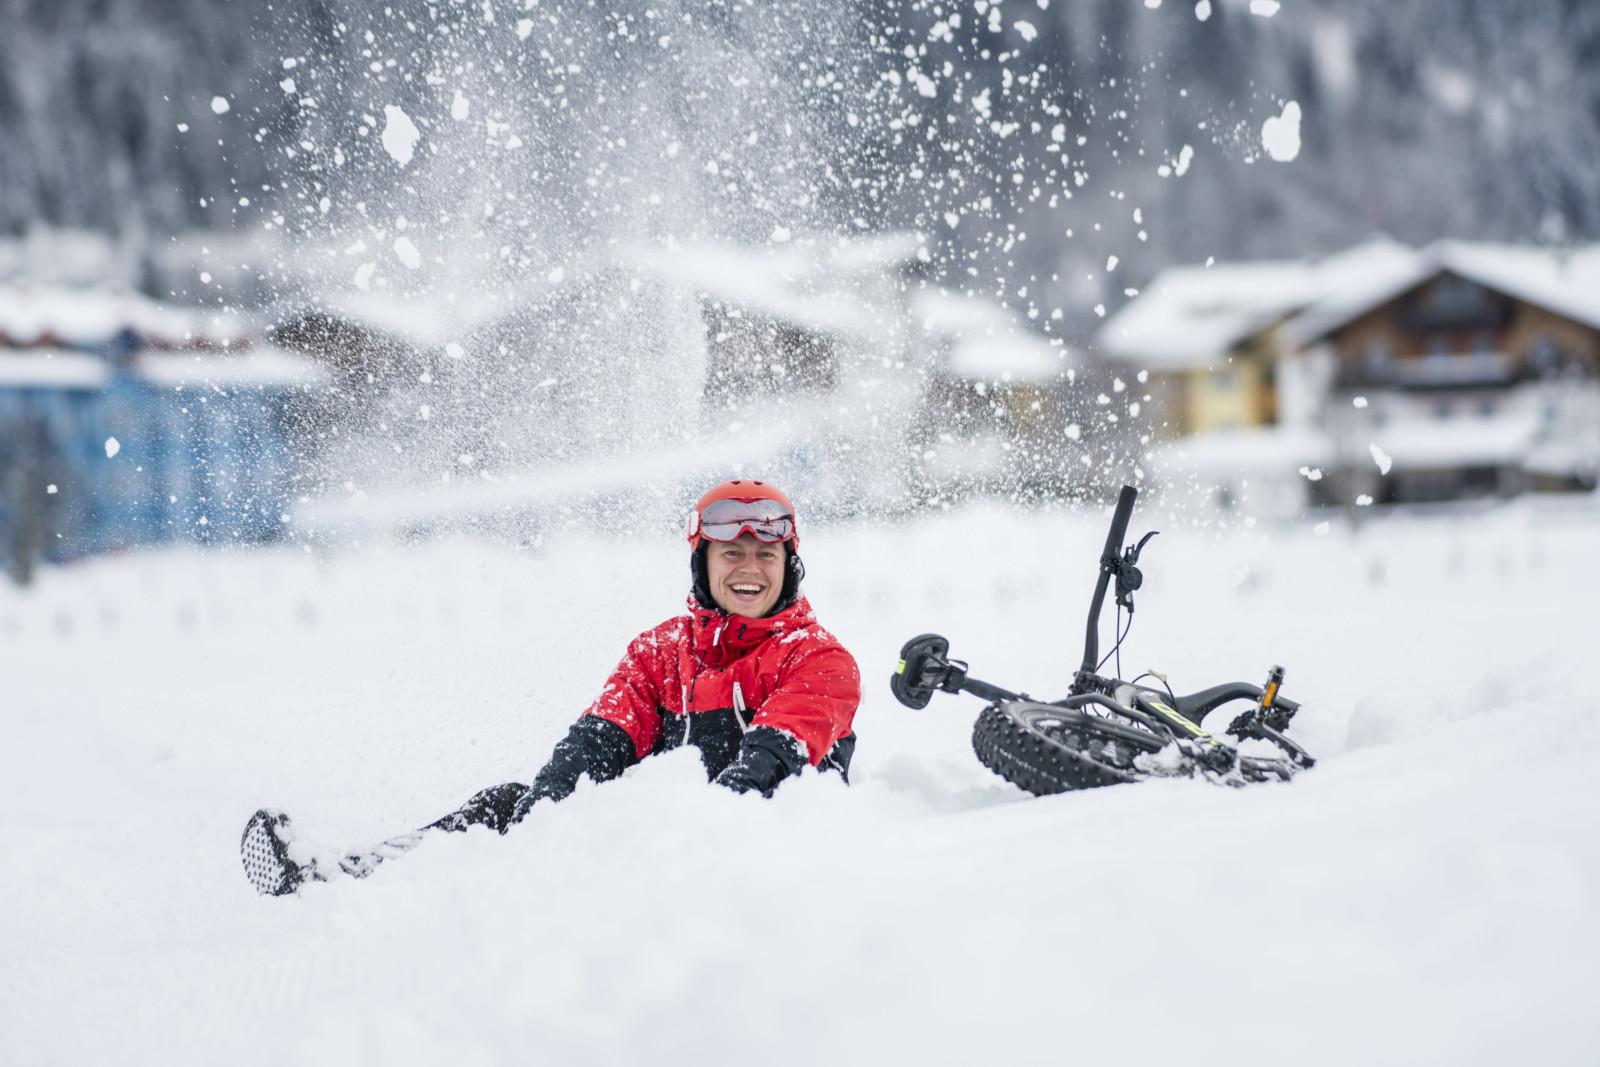 Spaß im Schnee  (c)wildbild/Kirchmaier